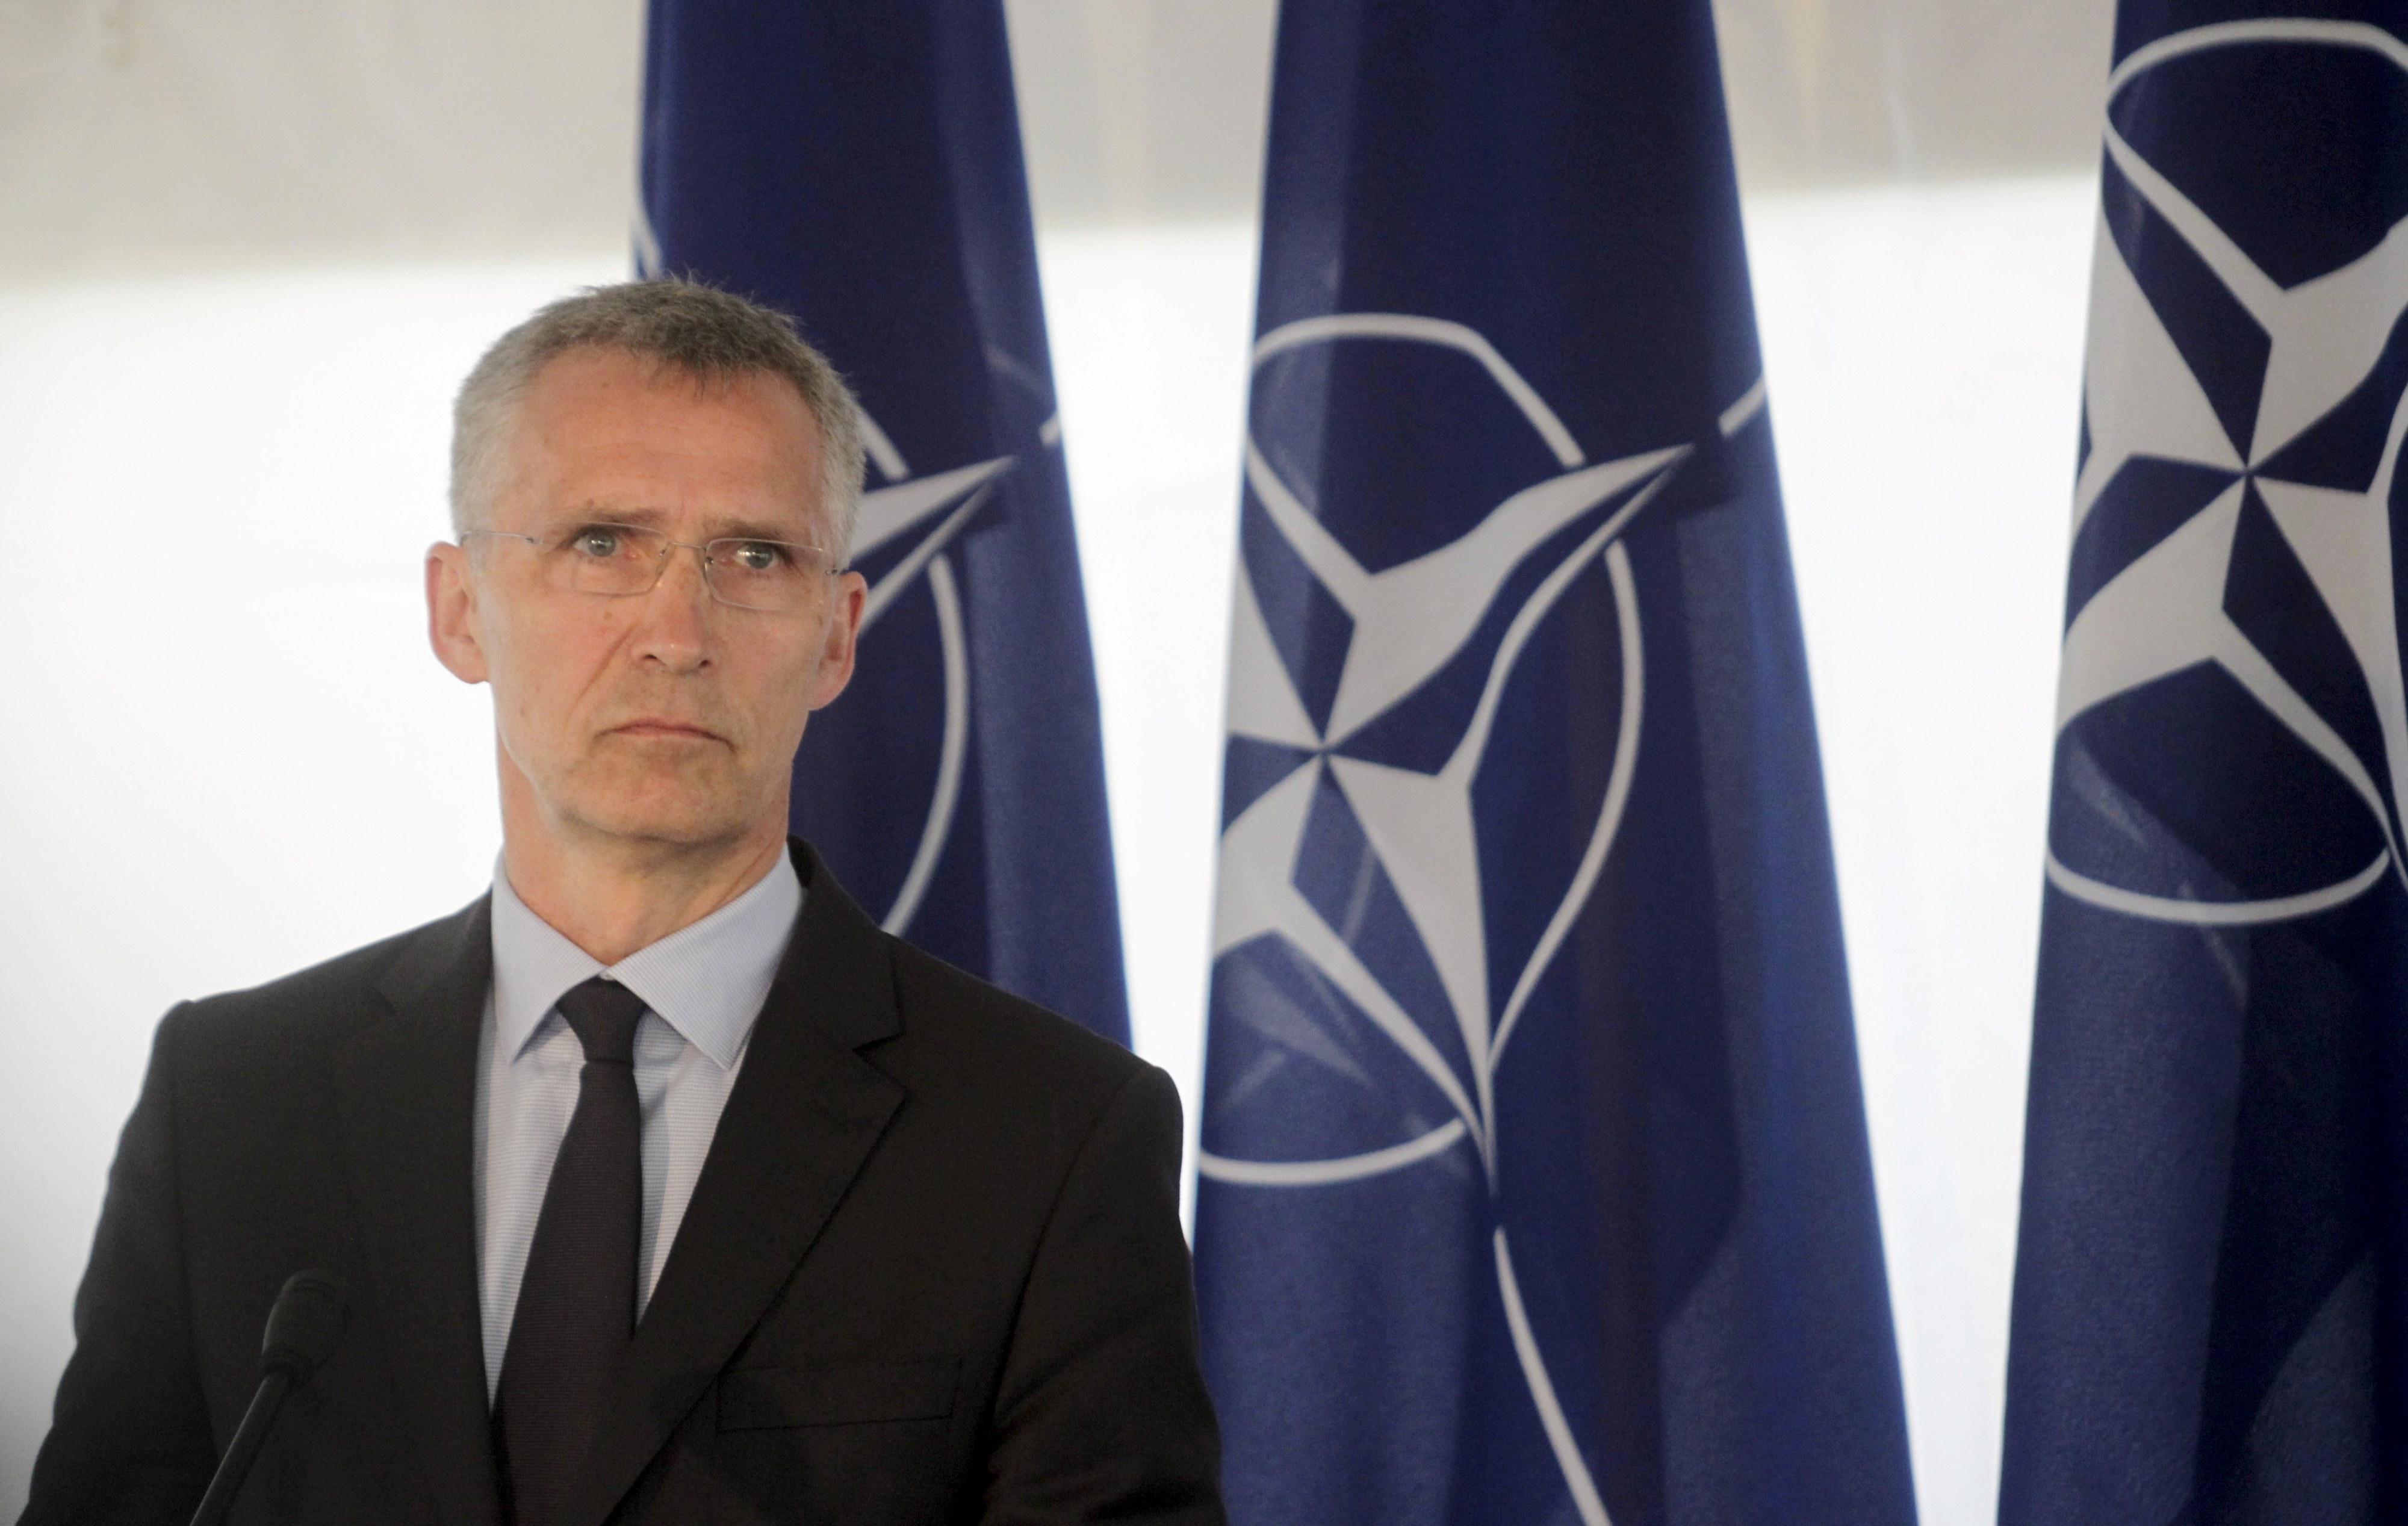 NATO está a reforçar defesa contra ataques informáticos - Stoltenberg